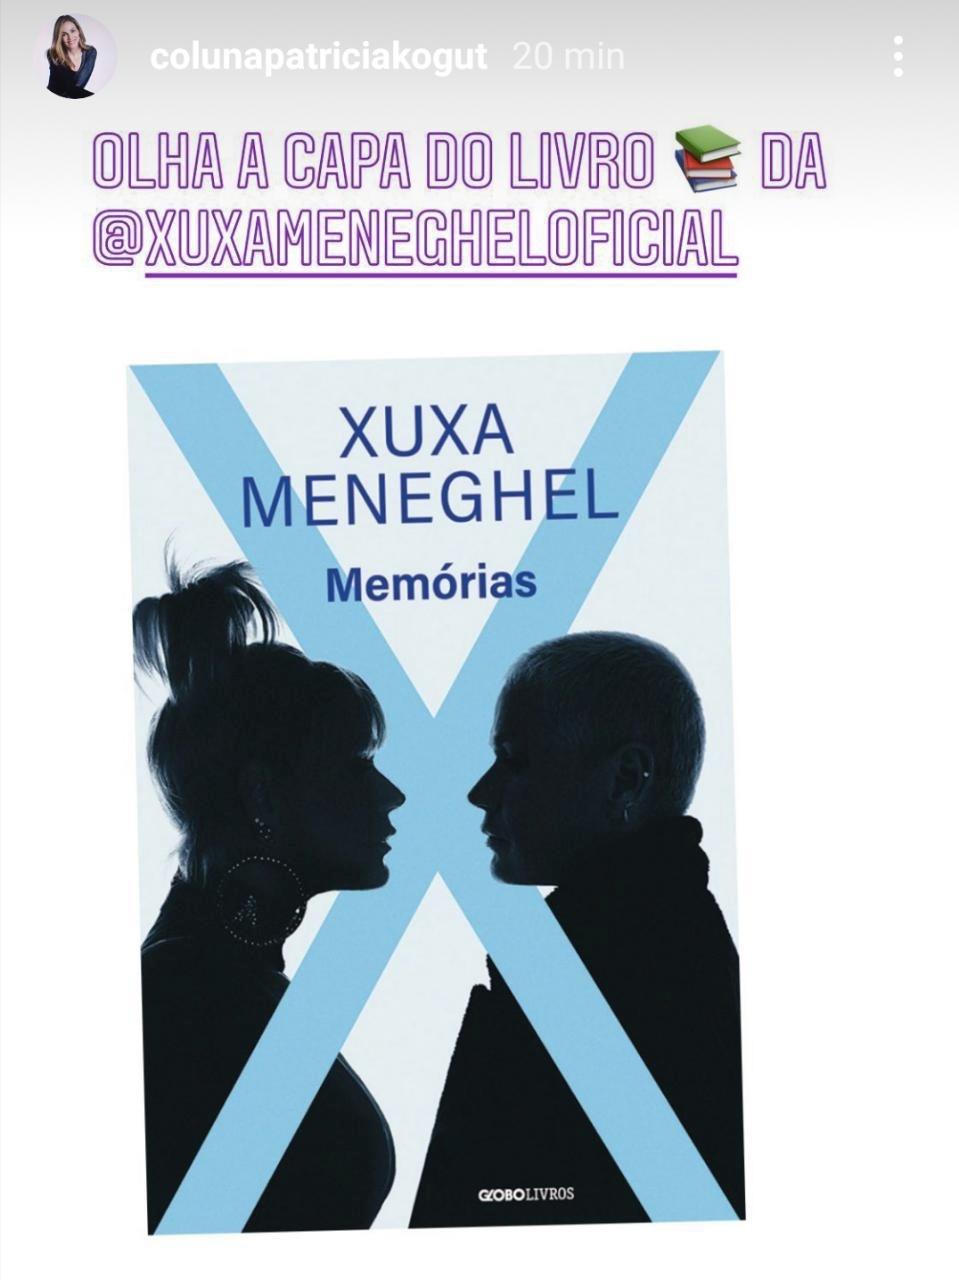 A capa oficial do novo livro de Xuxa Meneghel (Foto: reprodução/Instagram)